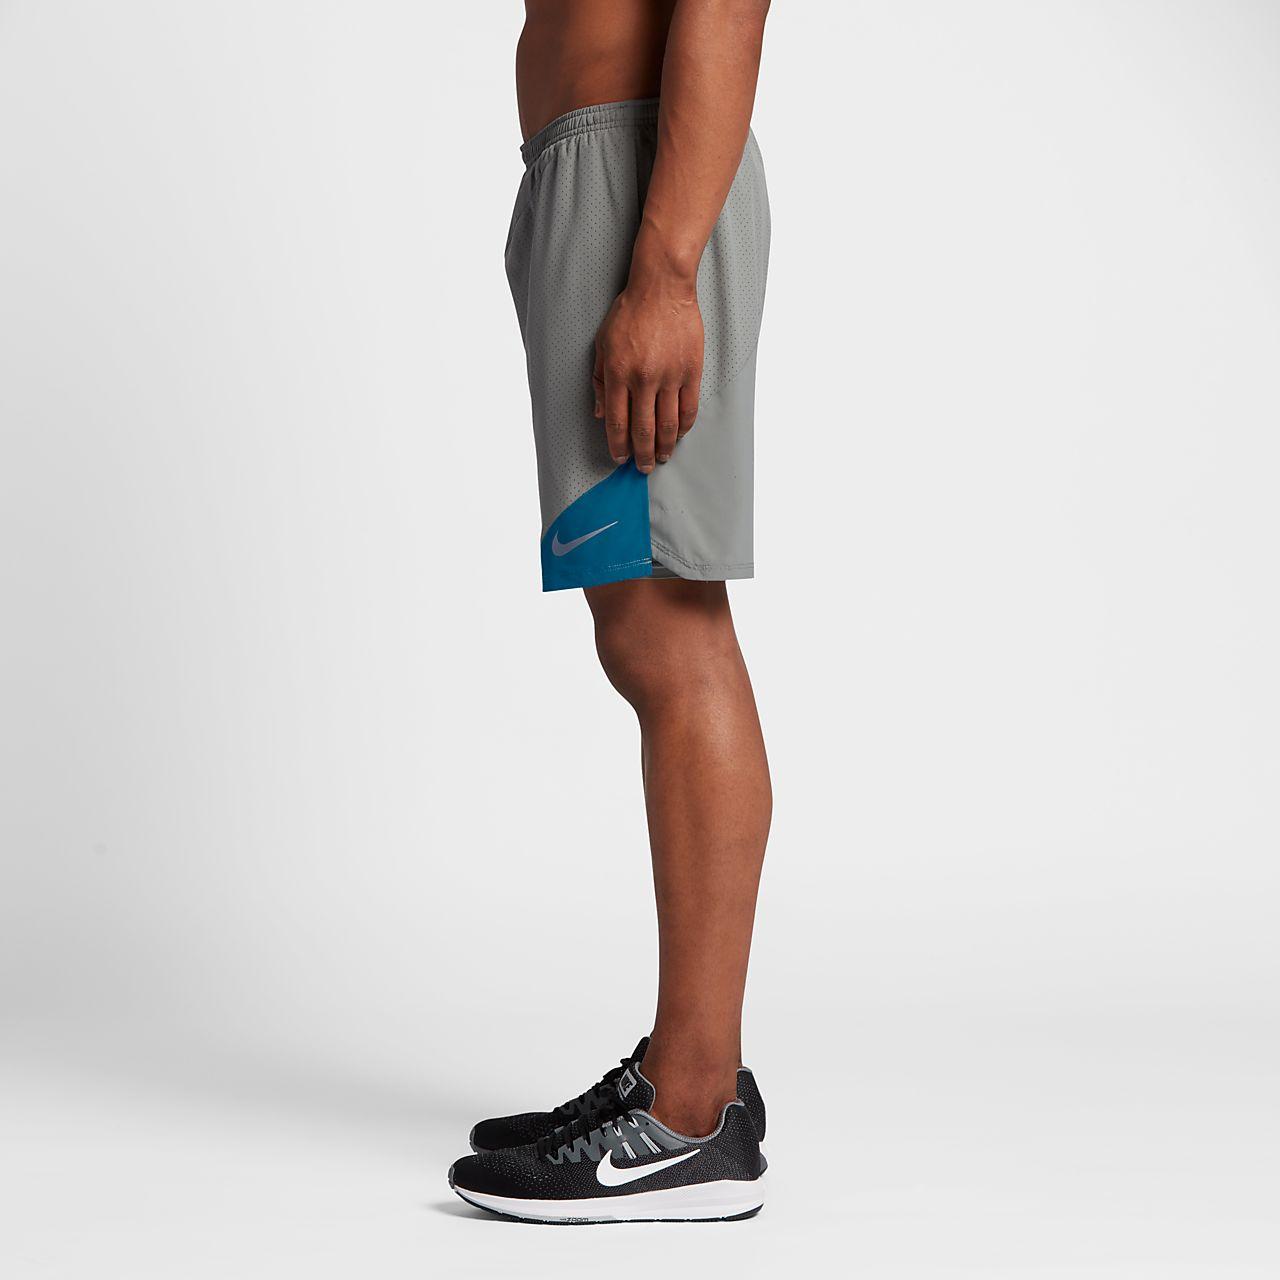 nike freedom shorts 9 1\/2